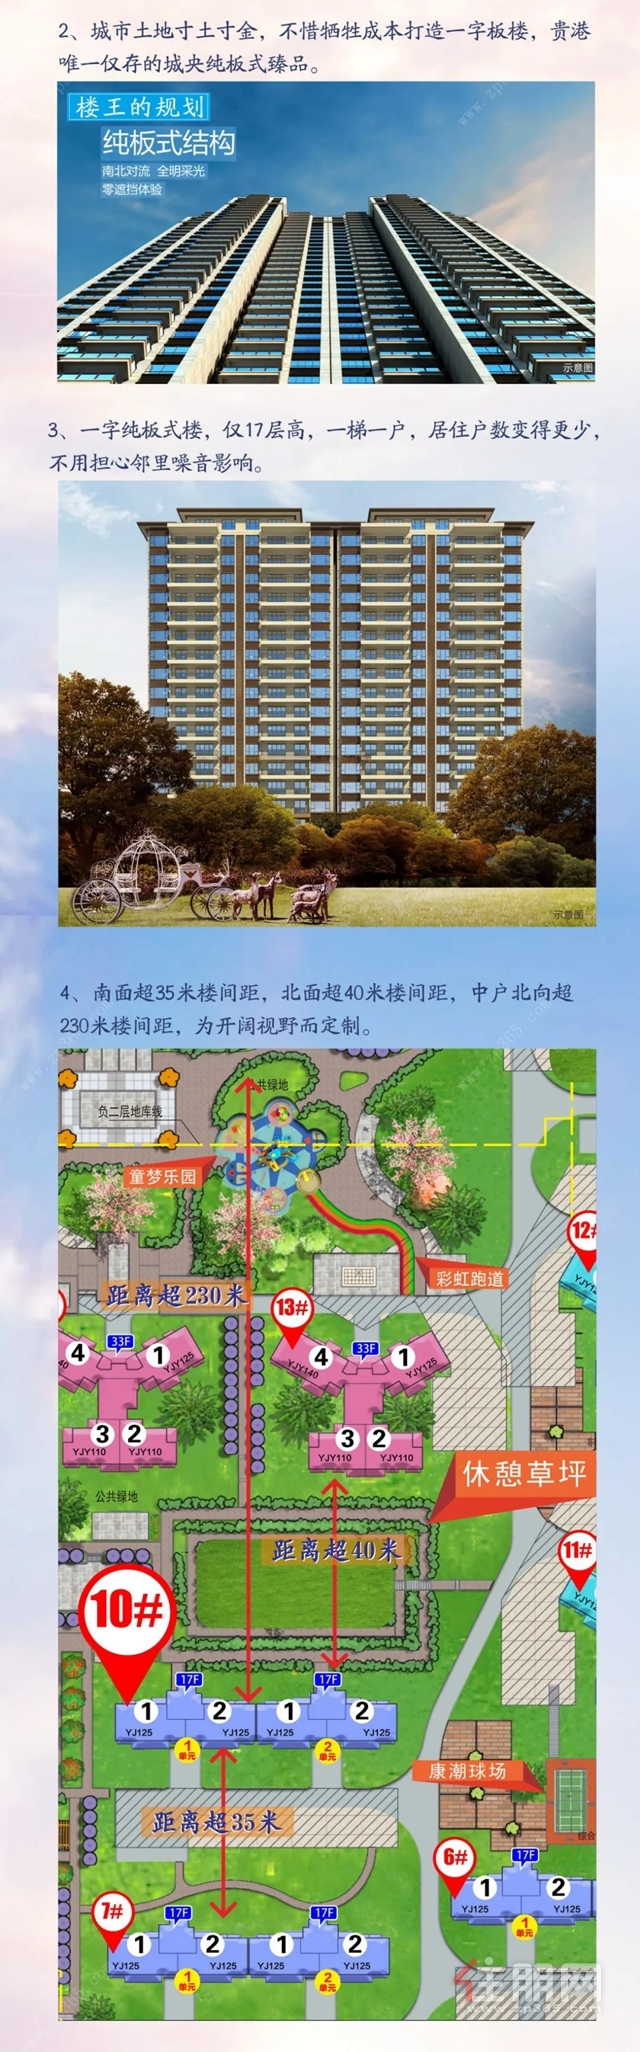 碧桂园中央上城图文推广